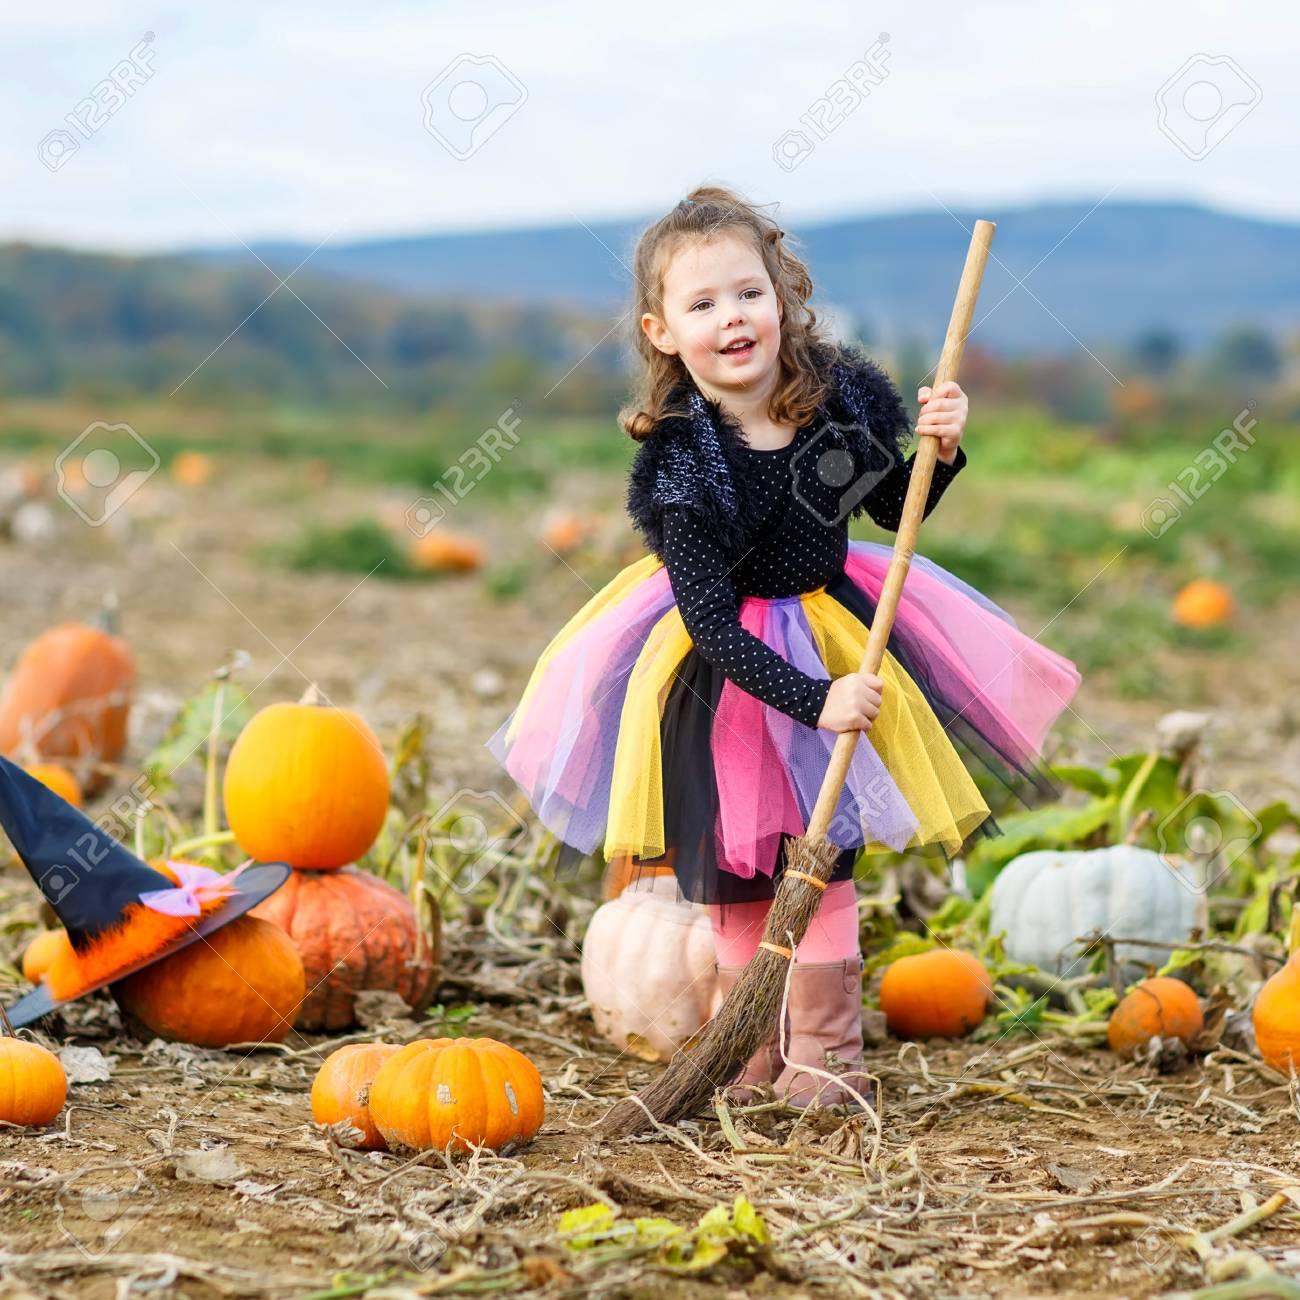 d4059532f775 Mignonne petite fille de 3 ans portant le costume de sorcière halloween  s amuser sur